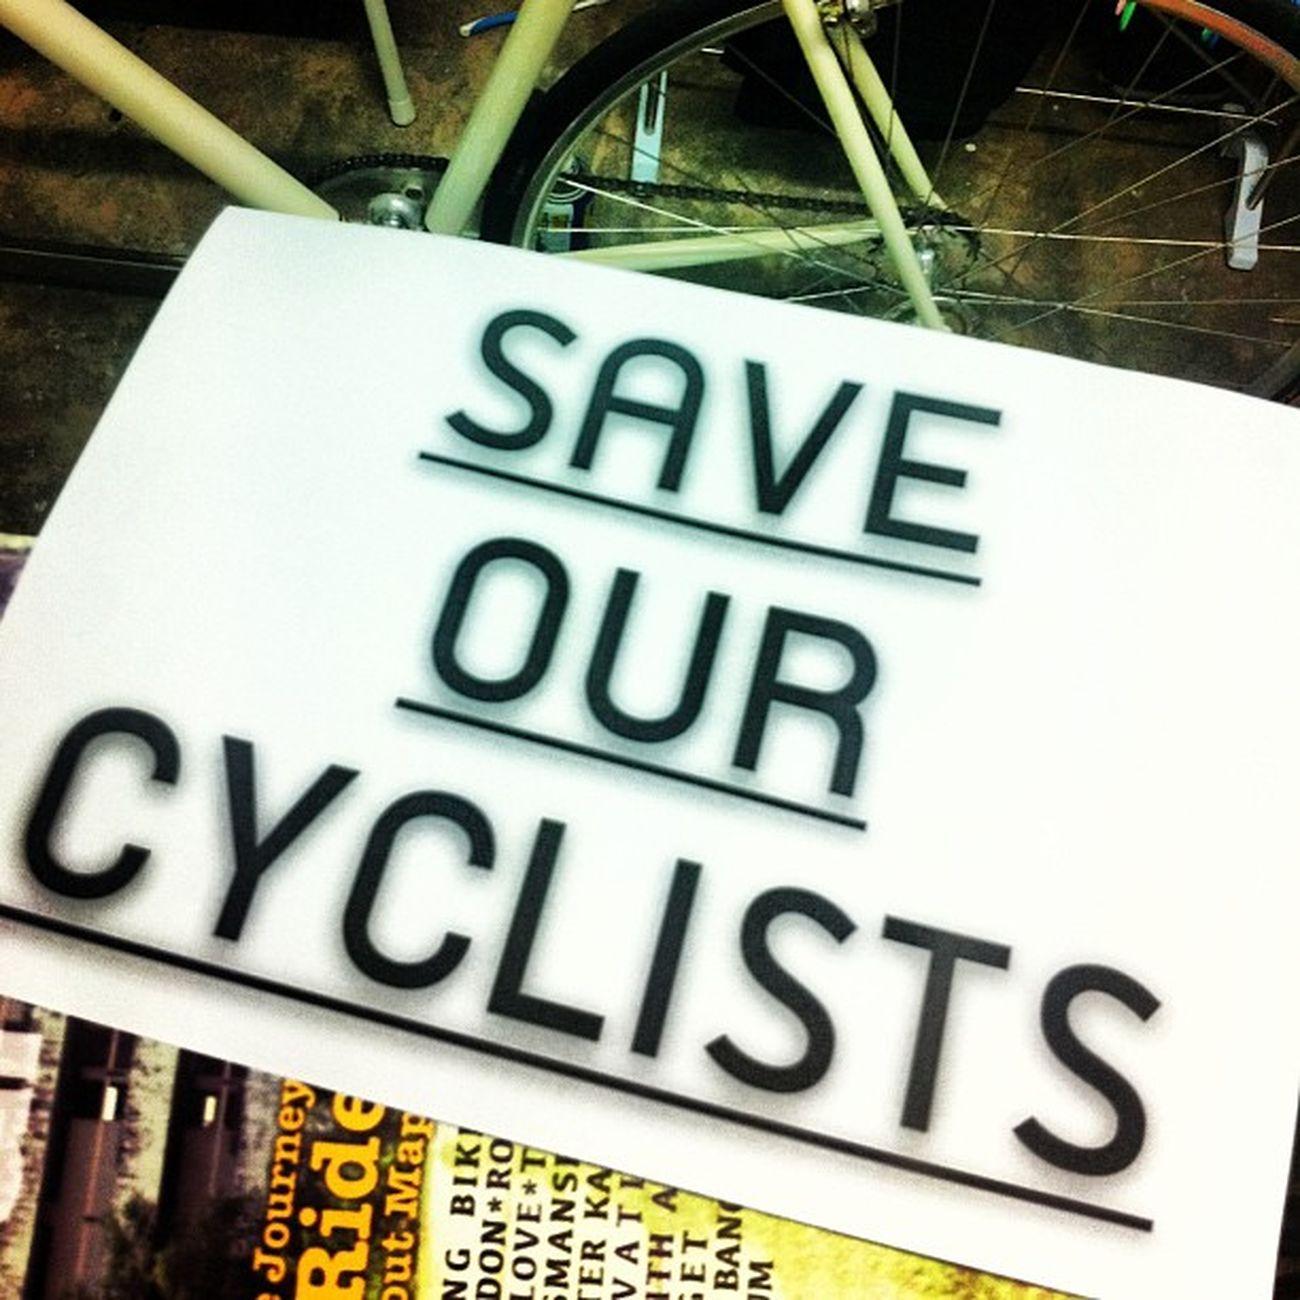 ขอน้ำใจเพียงเล็กๆ ช่วยแบ่งปันพื้นที่น้อยๆ ให้พวกเราจักรยานคันนิดๆ Saveourcyclists